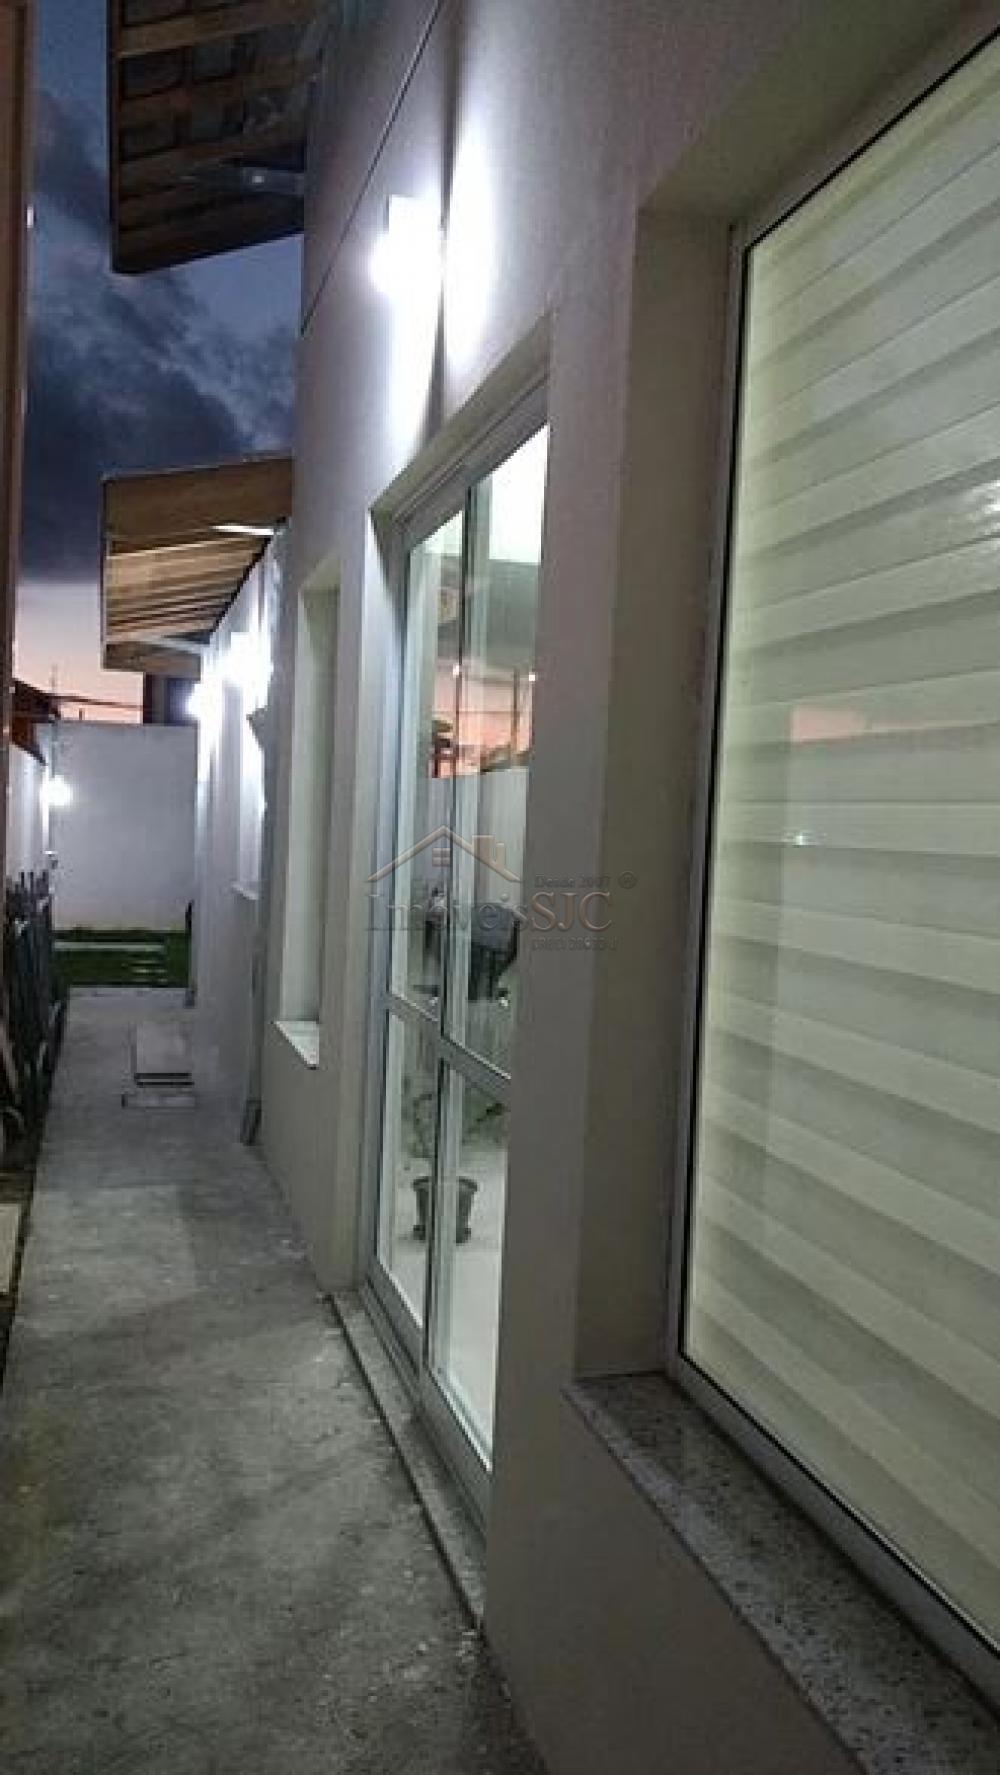 Comprar Casas / Condomínio em Caçapava apenas R$ 720.000,00 - Foto 11